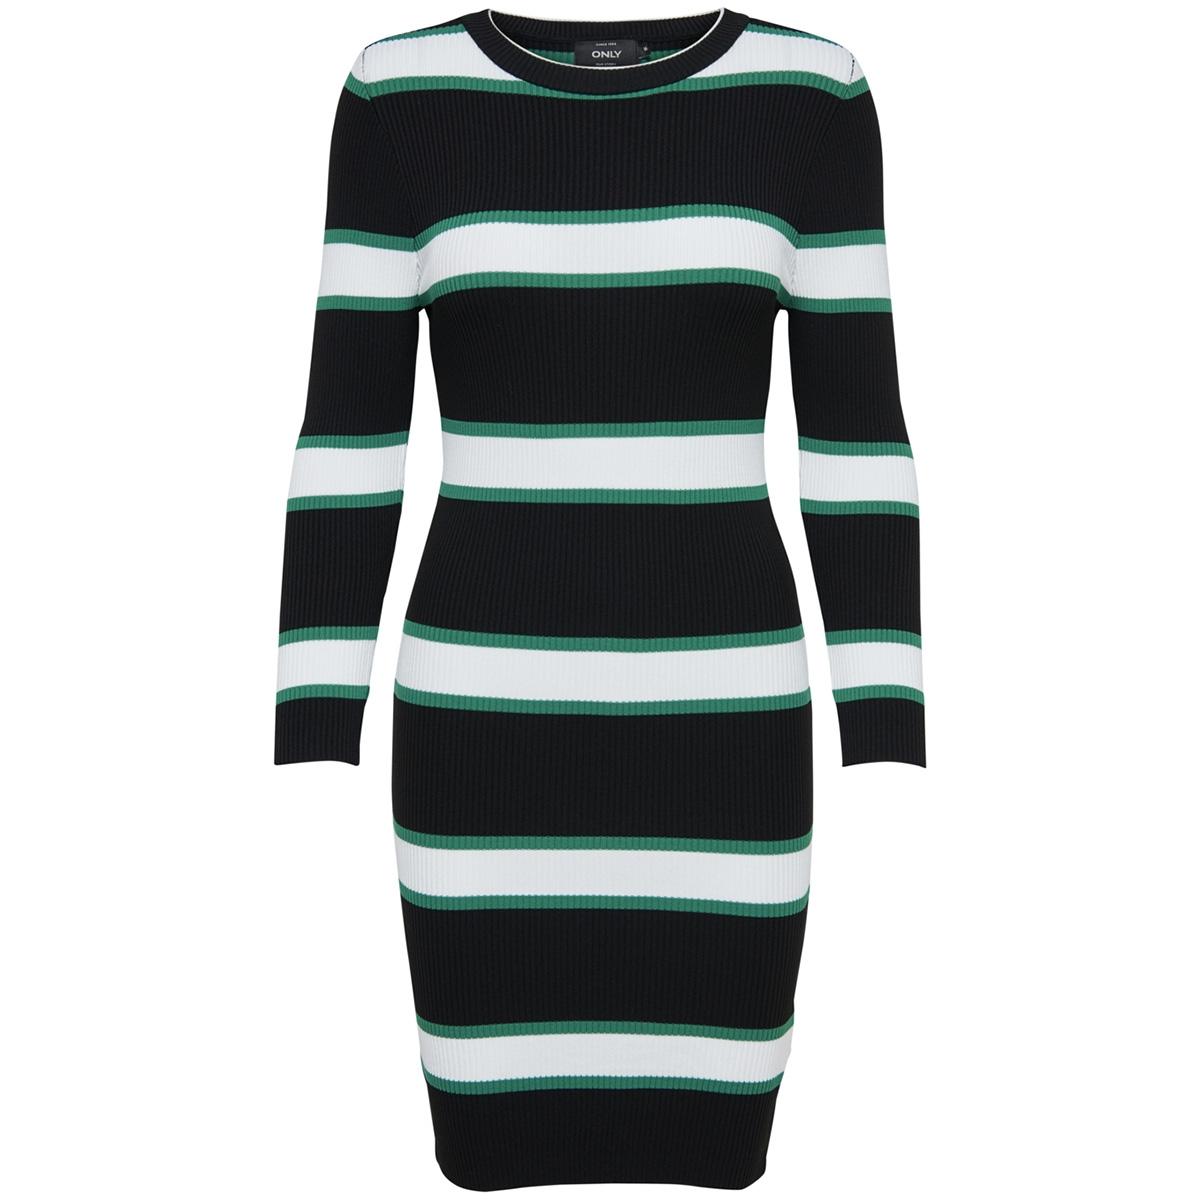 onlkairo 7/8 dress knt 15168859 only jurk black/w. cloud dancer